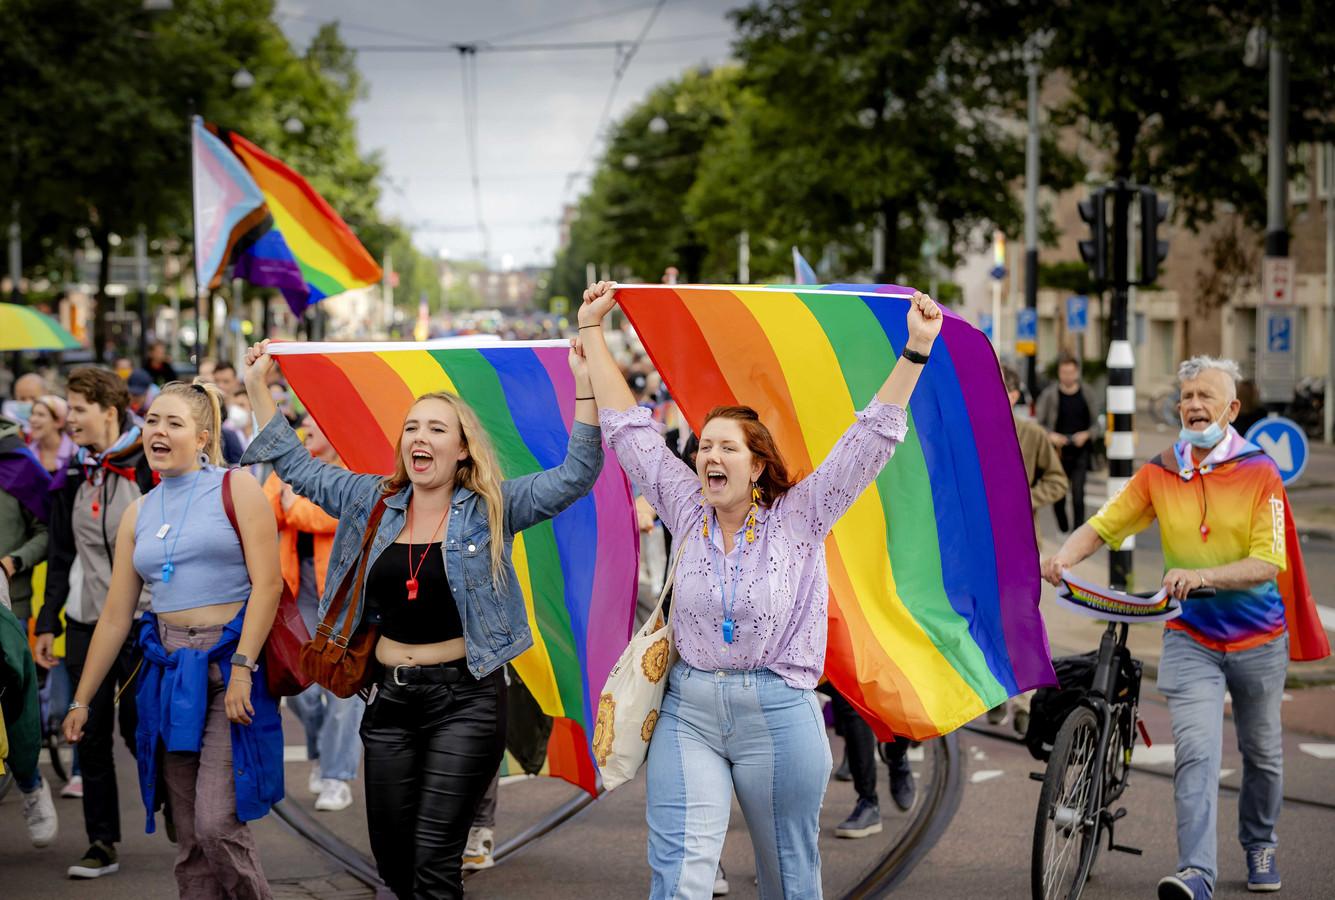 Protest tegen lhbti-geweld in Amsterdam. In een studentenflat werd vermoedelijk een regenboogvlag in brand gestoken. Volgens Marion Wasserbauer toont onderzoek aan dat geweld tegen lhbti-personen gebaseerd is op rigide gendernormen.